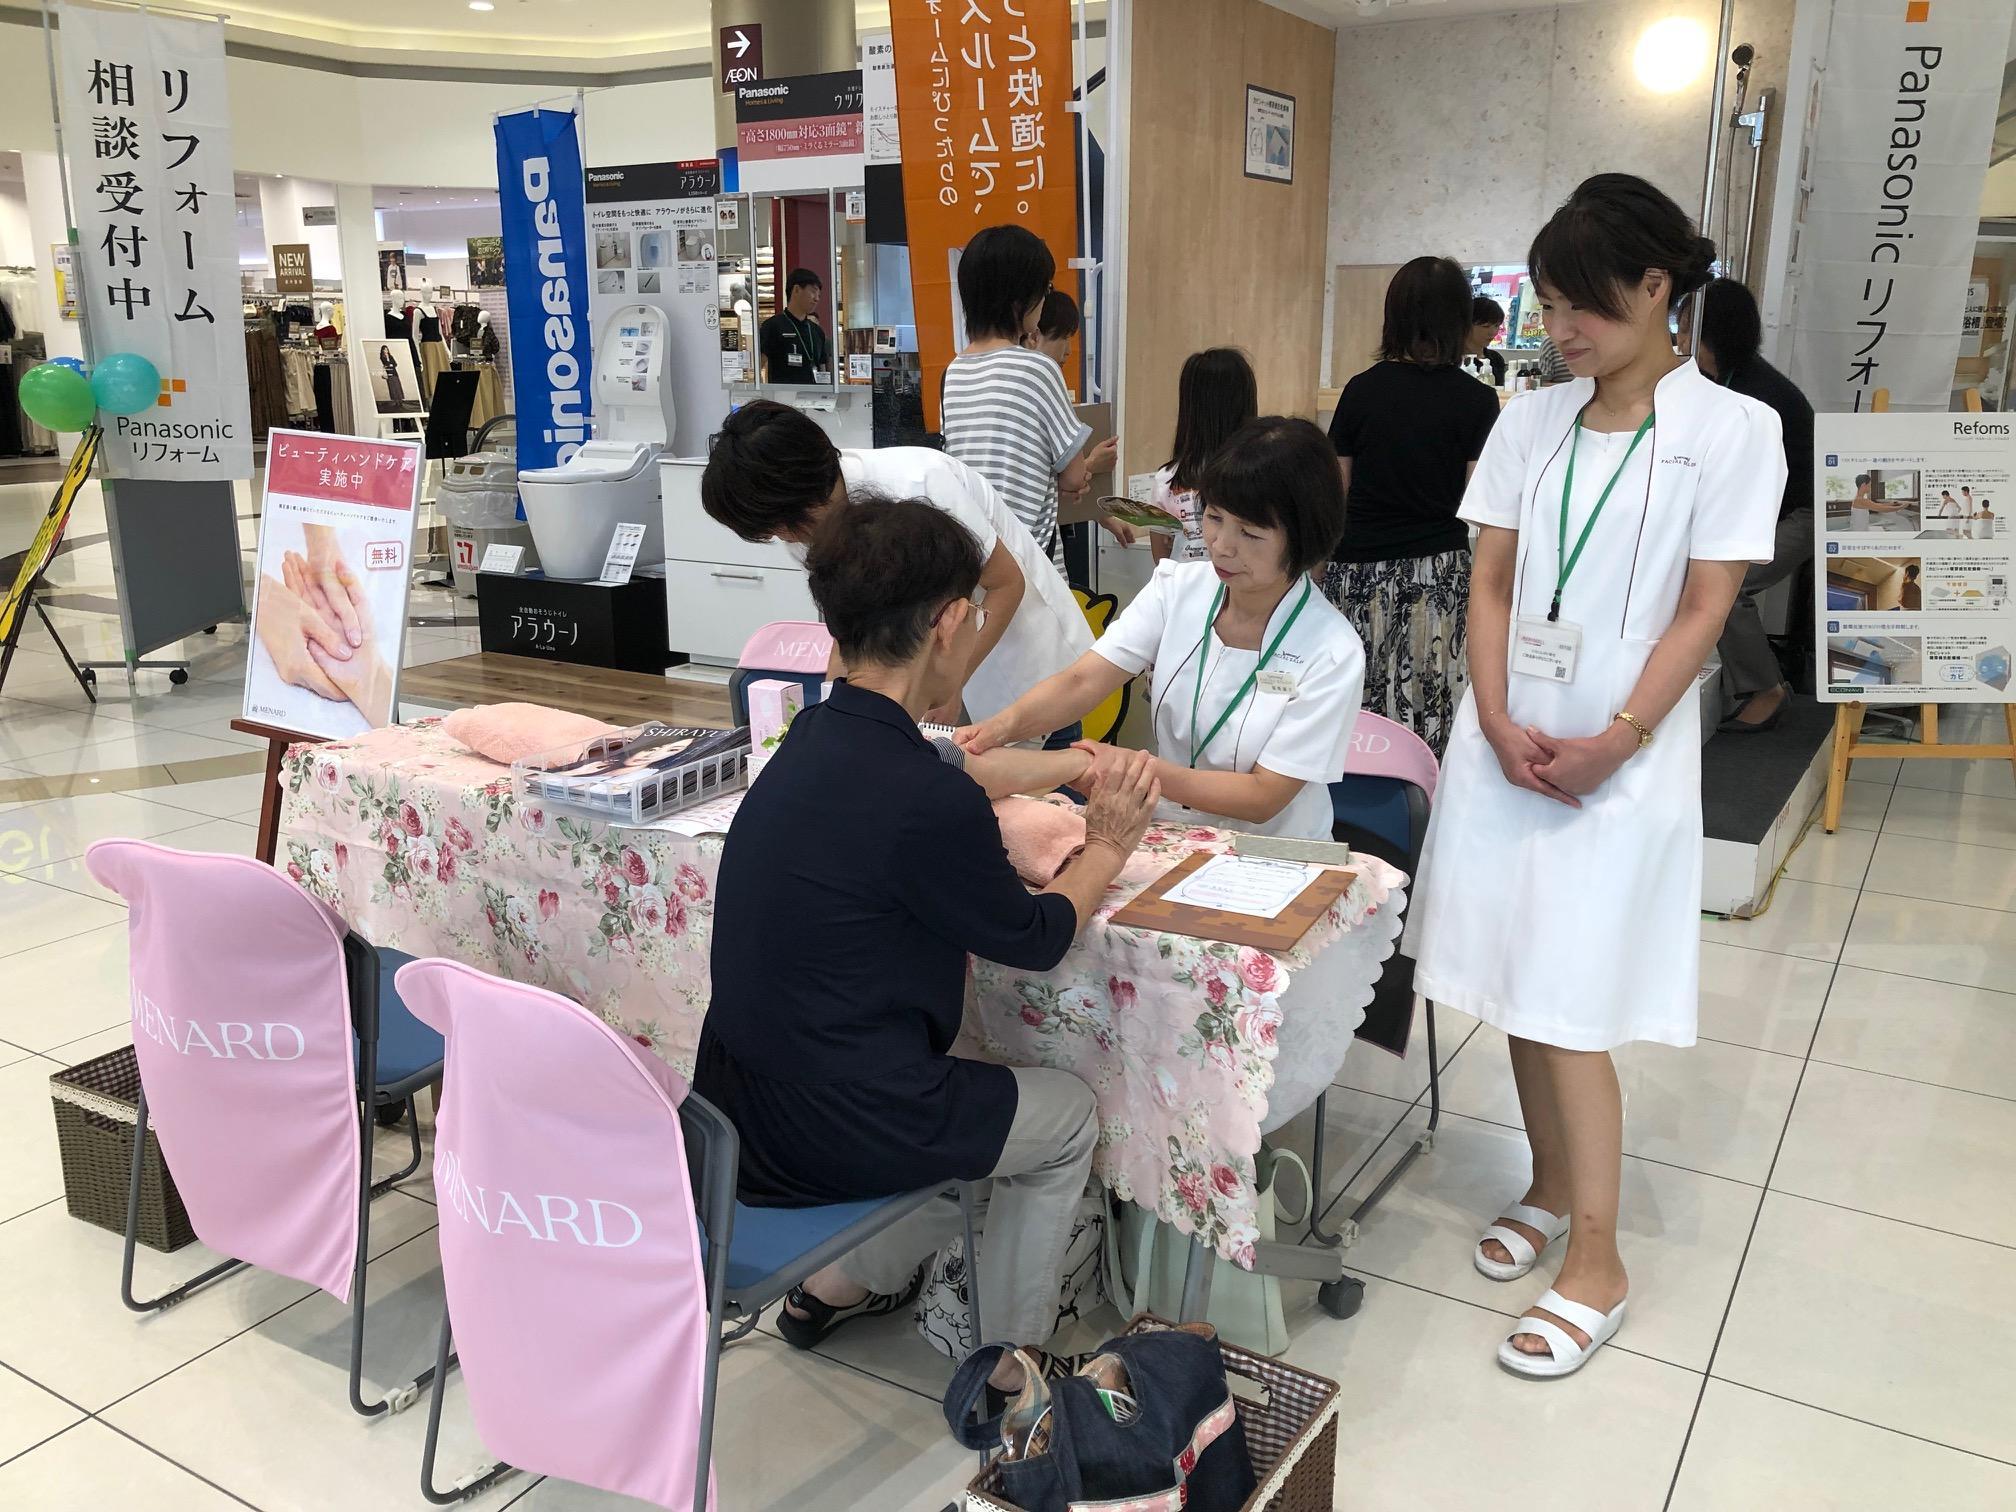 http://www.tanakajuken.com/blog/images/IMG_3695.jpg